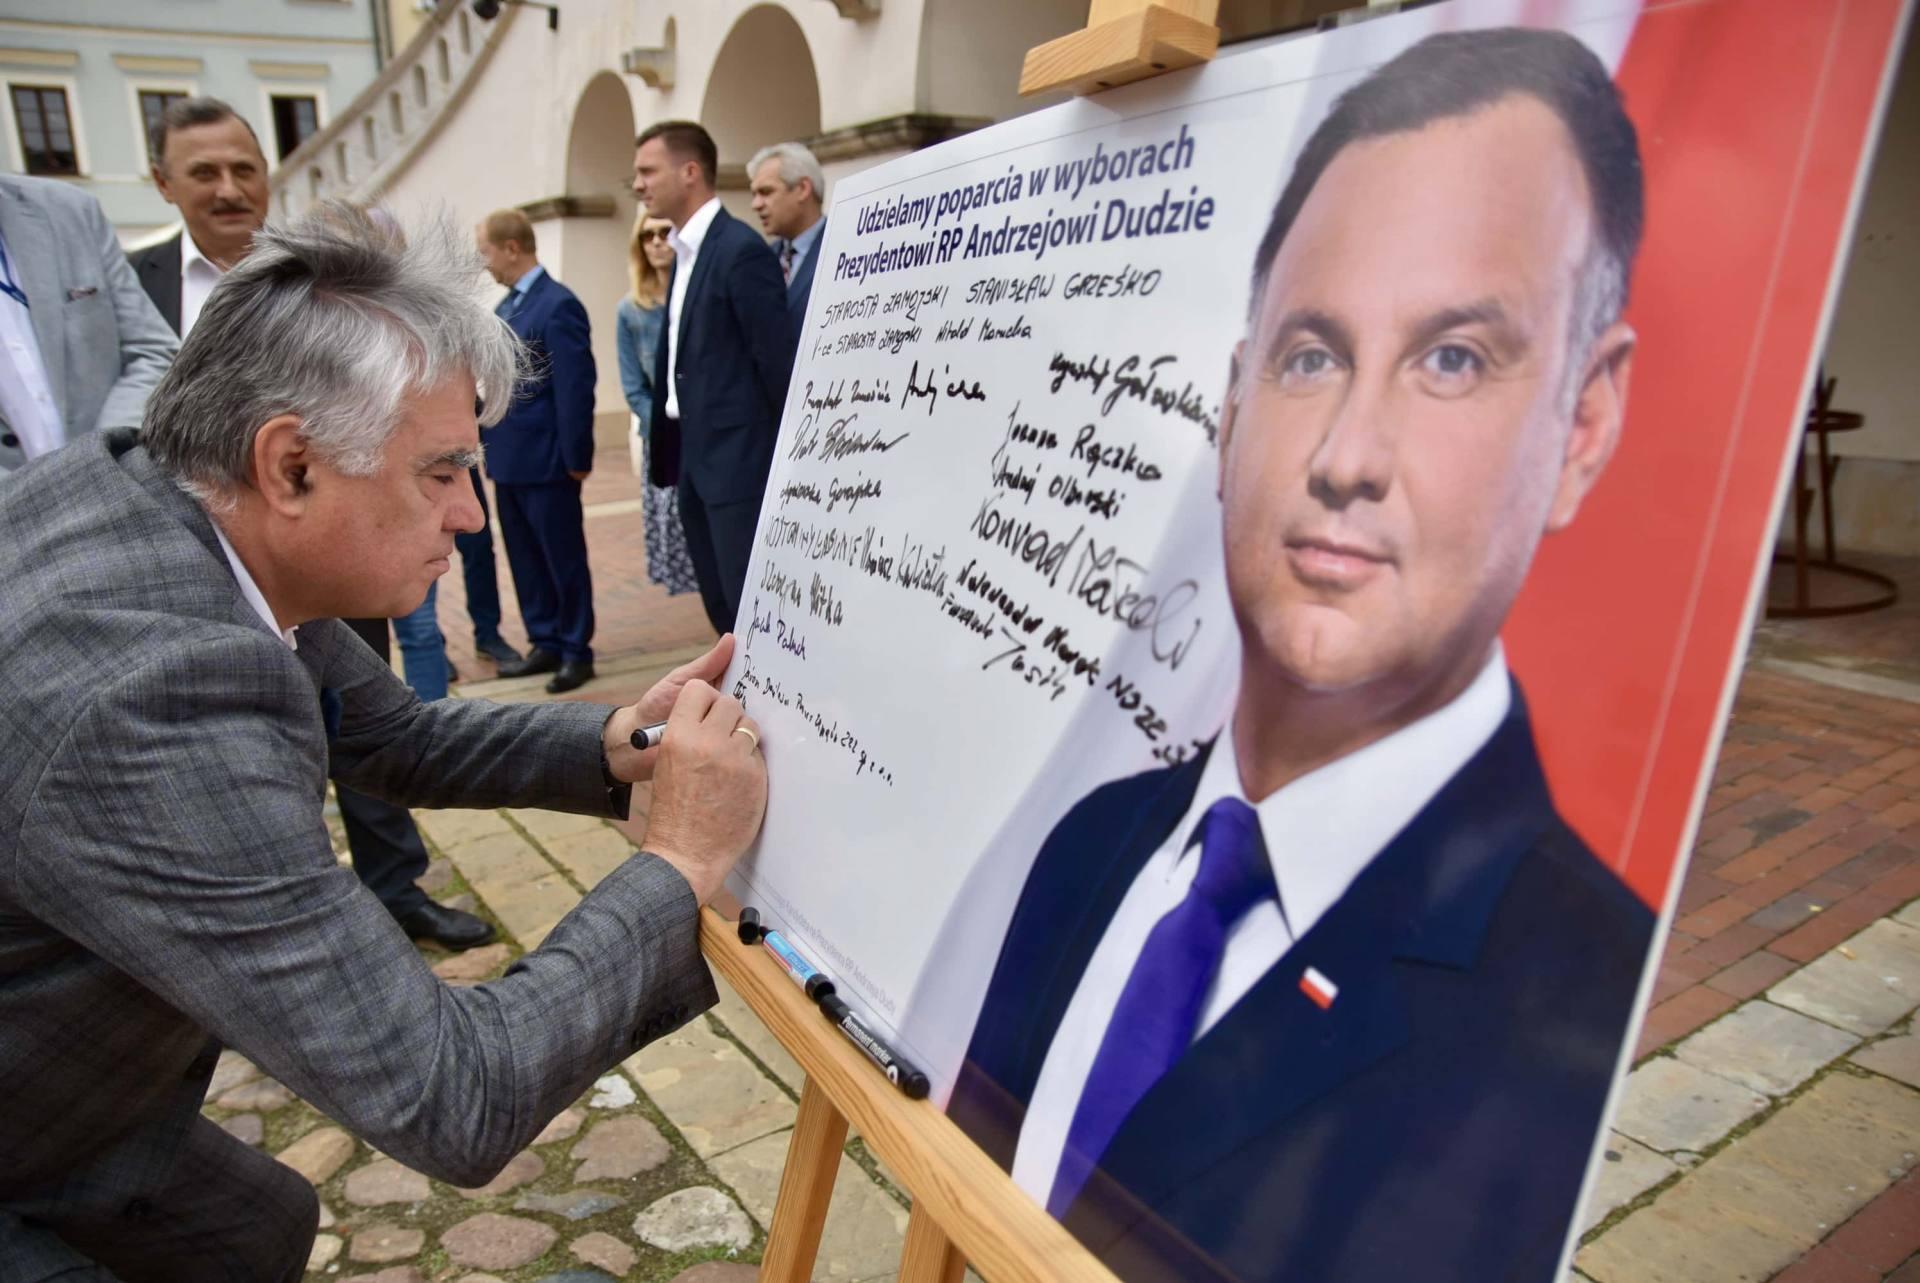 dsc 7792 Zamość: Udzielili poparcia prezydentowi Andrzejowi Dudzie